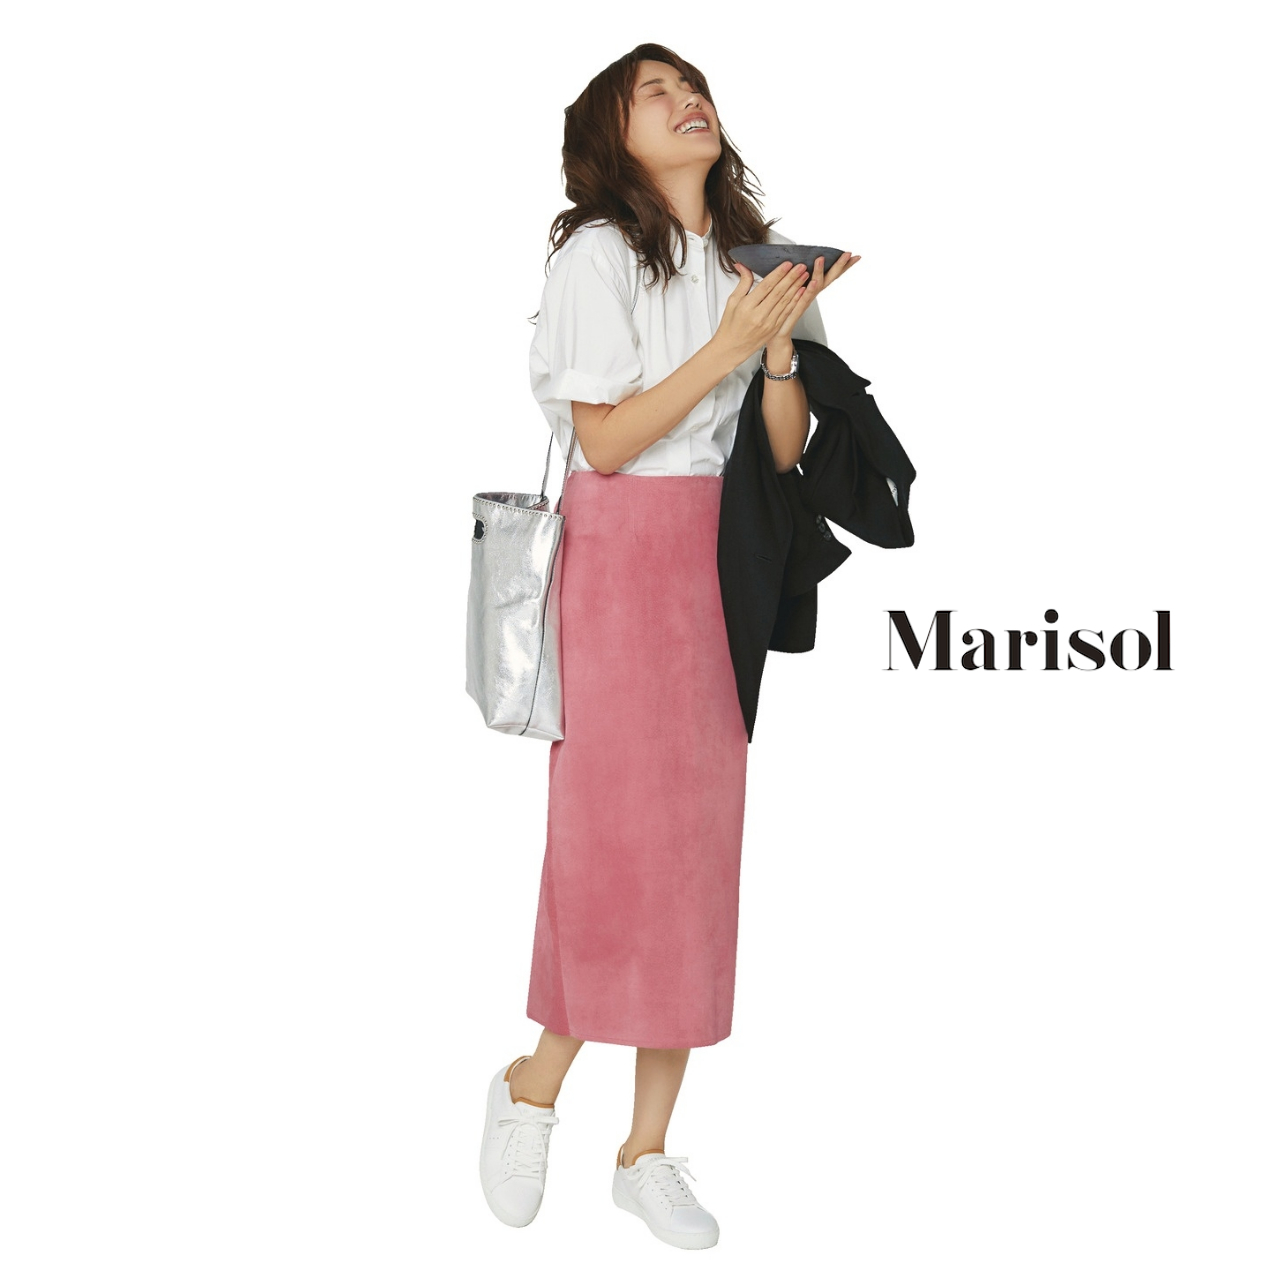 40代ファッション 白シャツ×ピンクロングタイトスカートコーデ